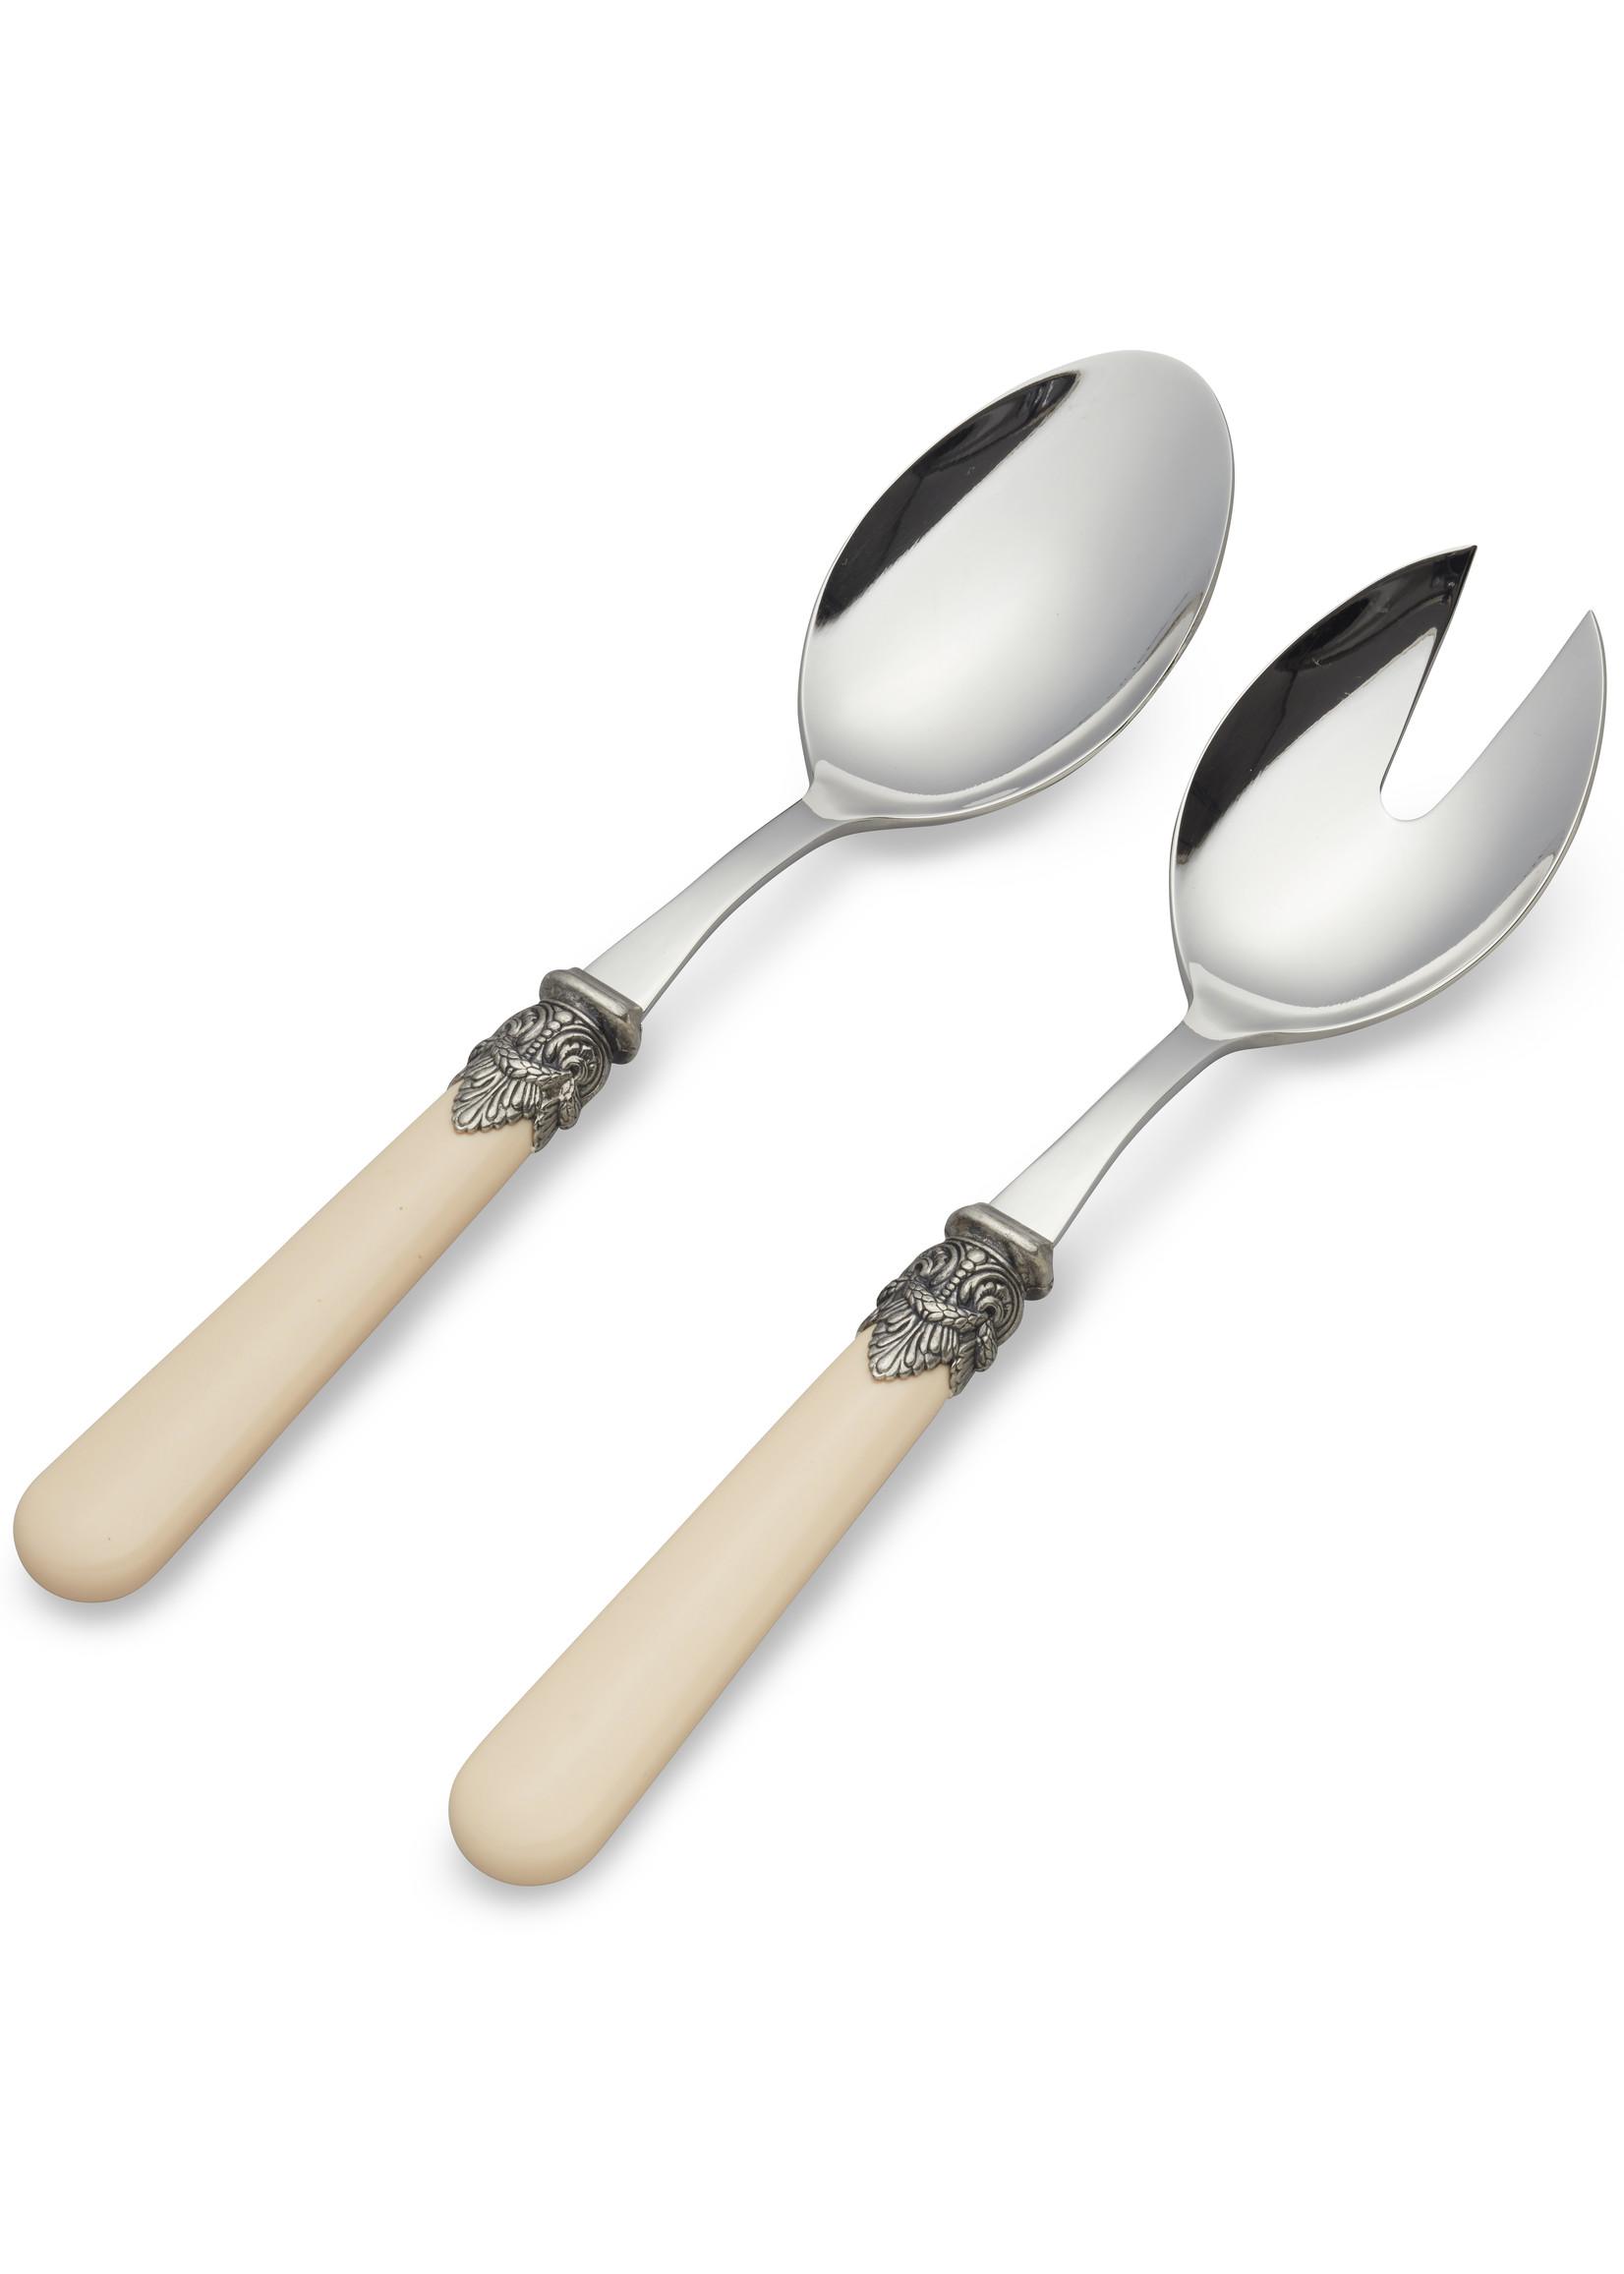 EME Napoleon Cubiertos para Ensalada, 2 piezas (cuchara y tenedor), Marfil sin Nácar